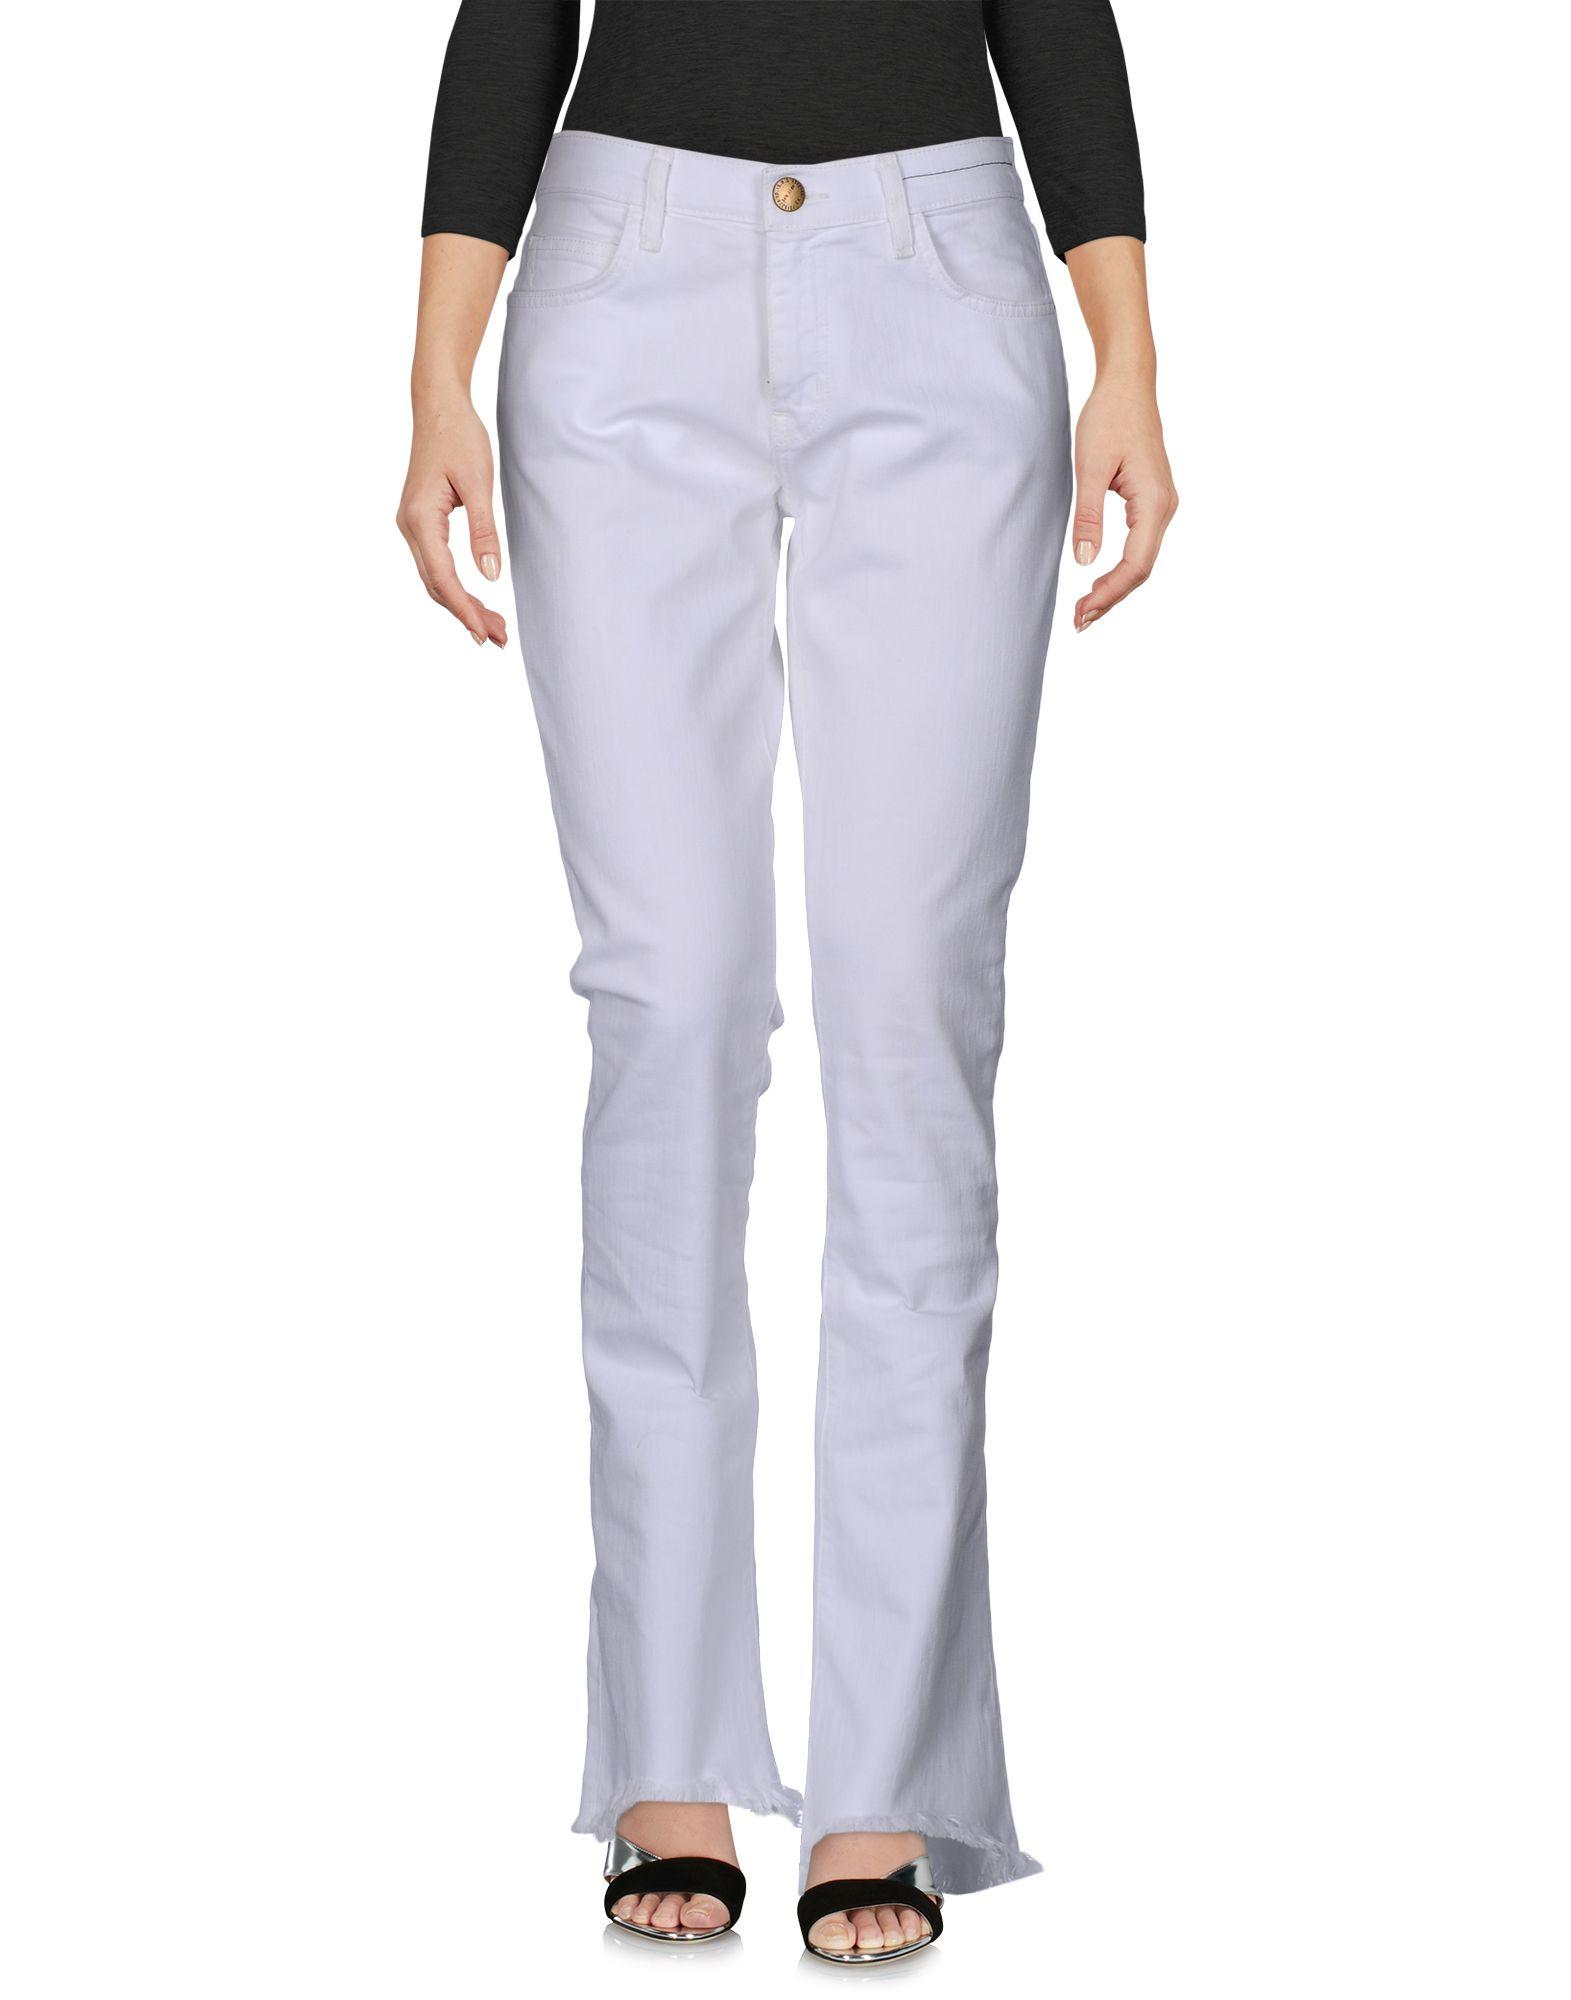 CURRENT/ELLIOTT Damen Jeanshose Farbe Weiß Größe 4